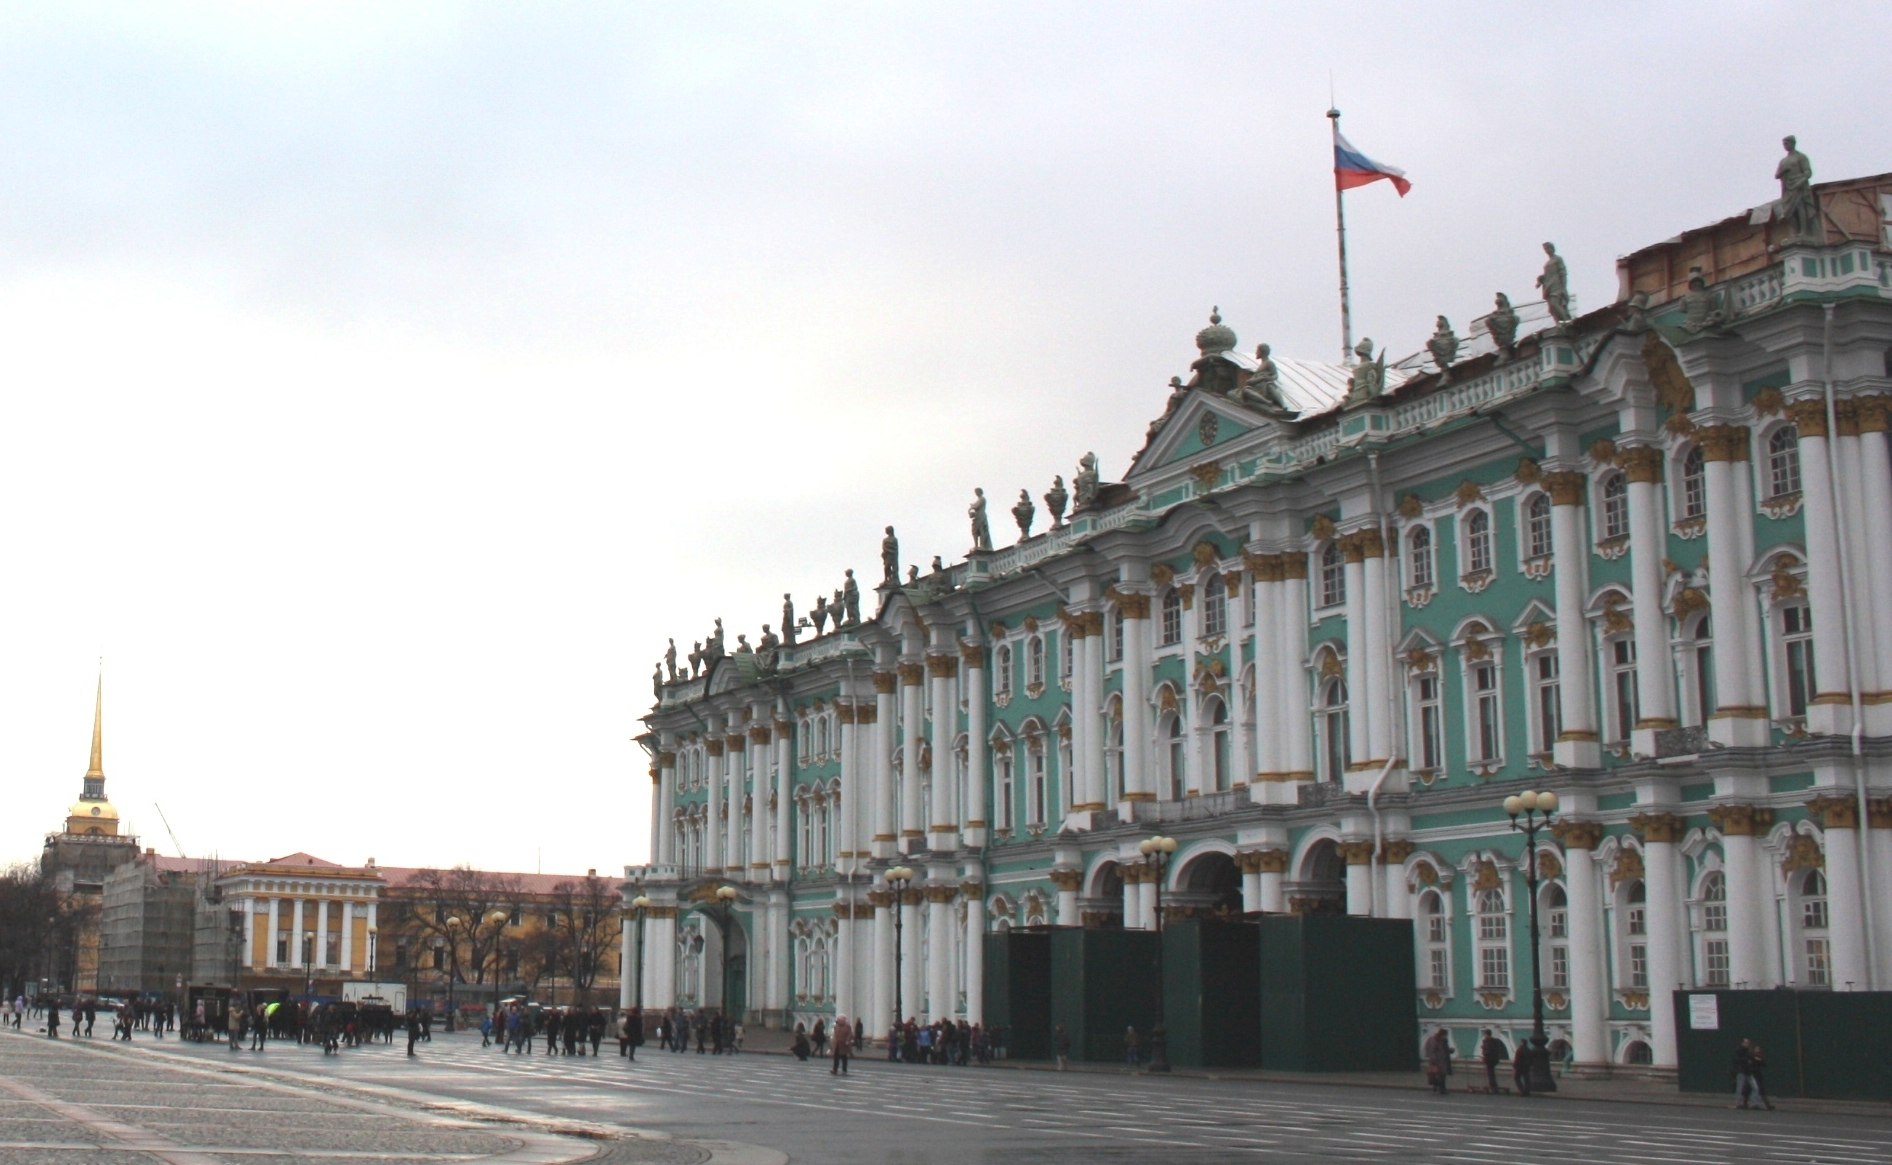 Санкт-Петербург. Дворцовая площадь. Государственный Эрмитаж.